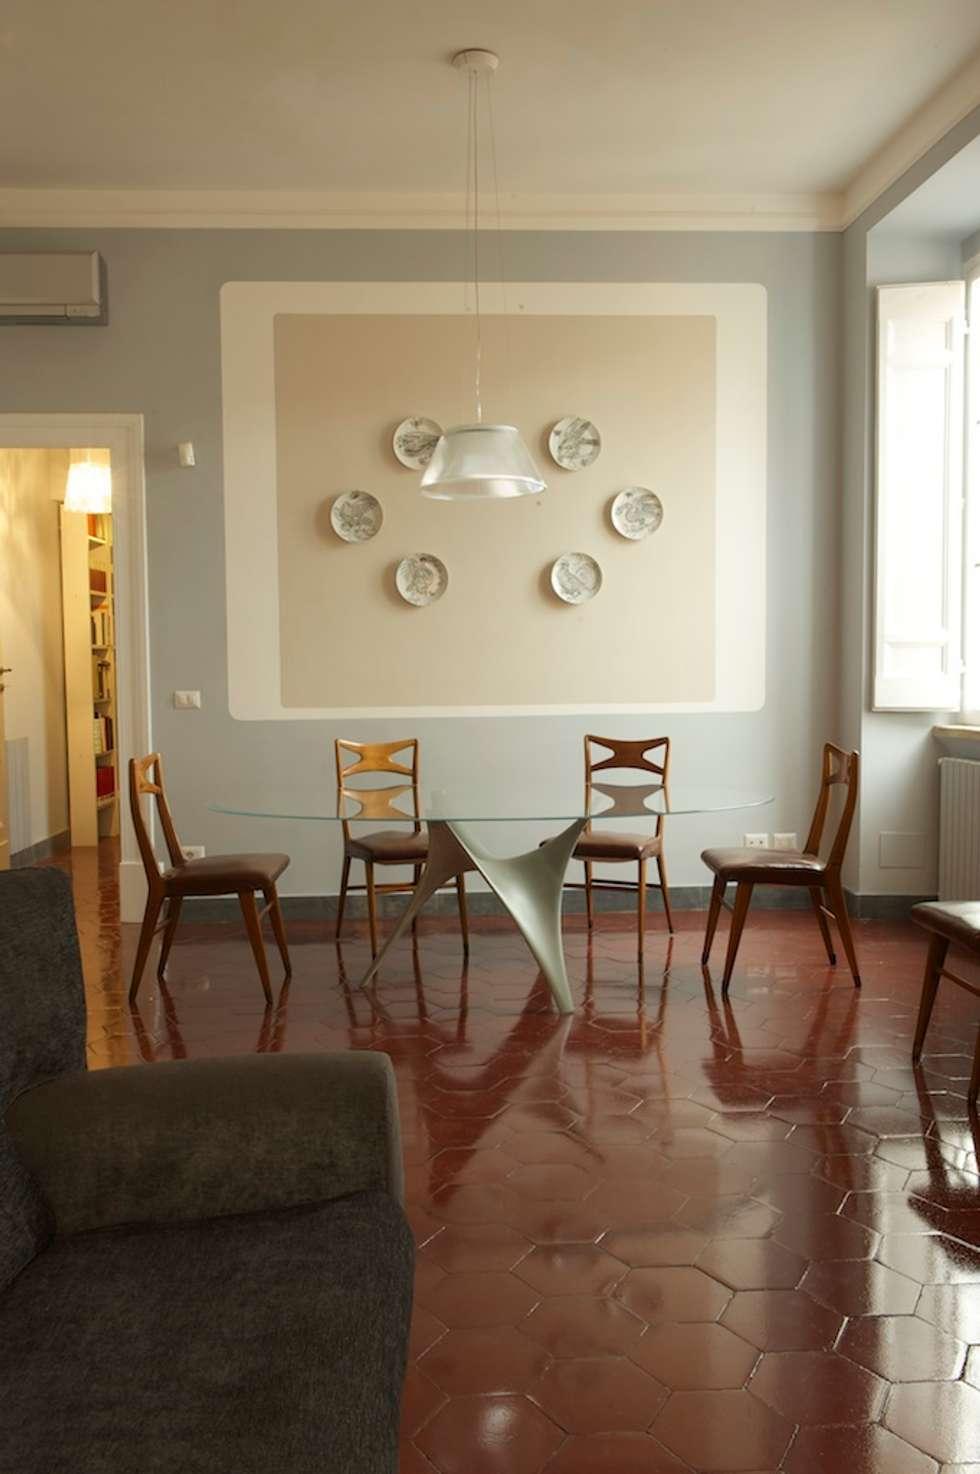 Soggiorno pranzo: Sala da pranzo in stile in stile Moderno di Quid divinum design